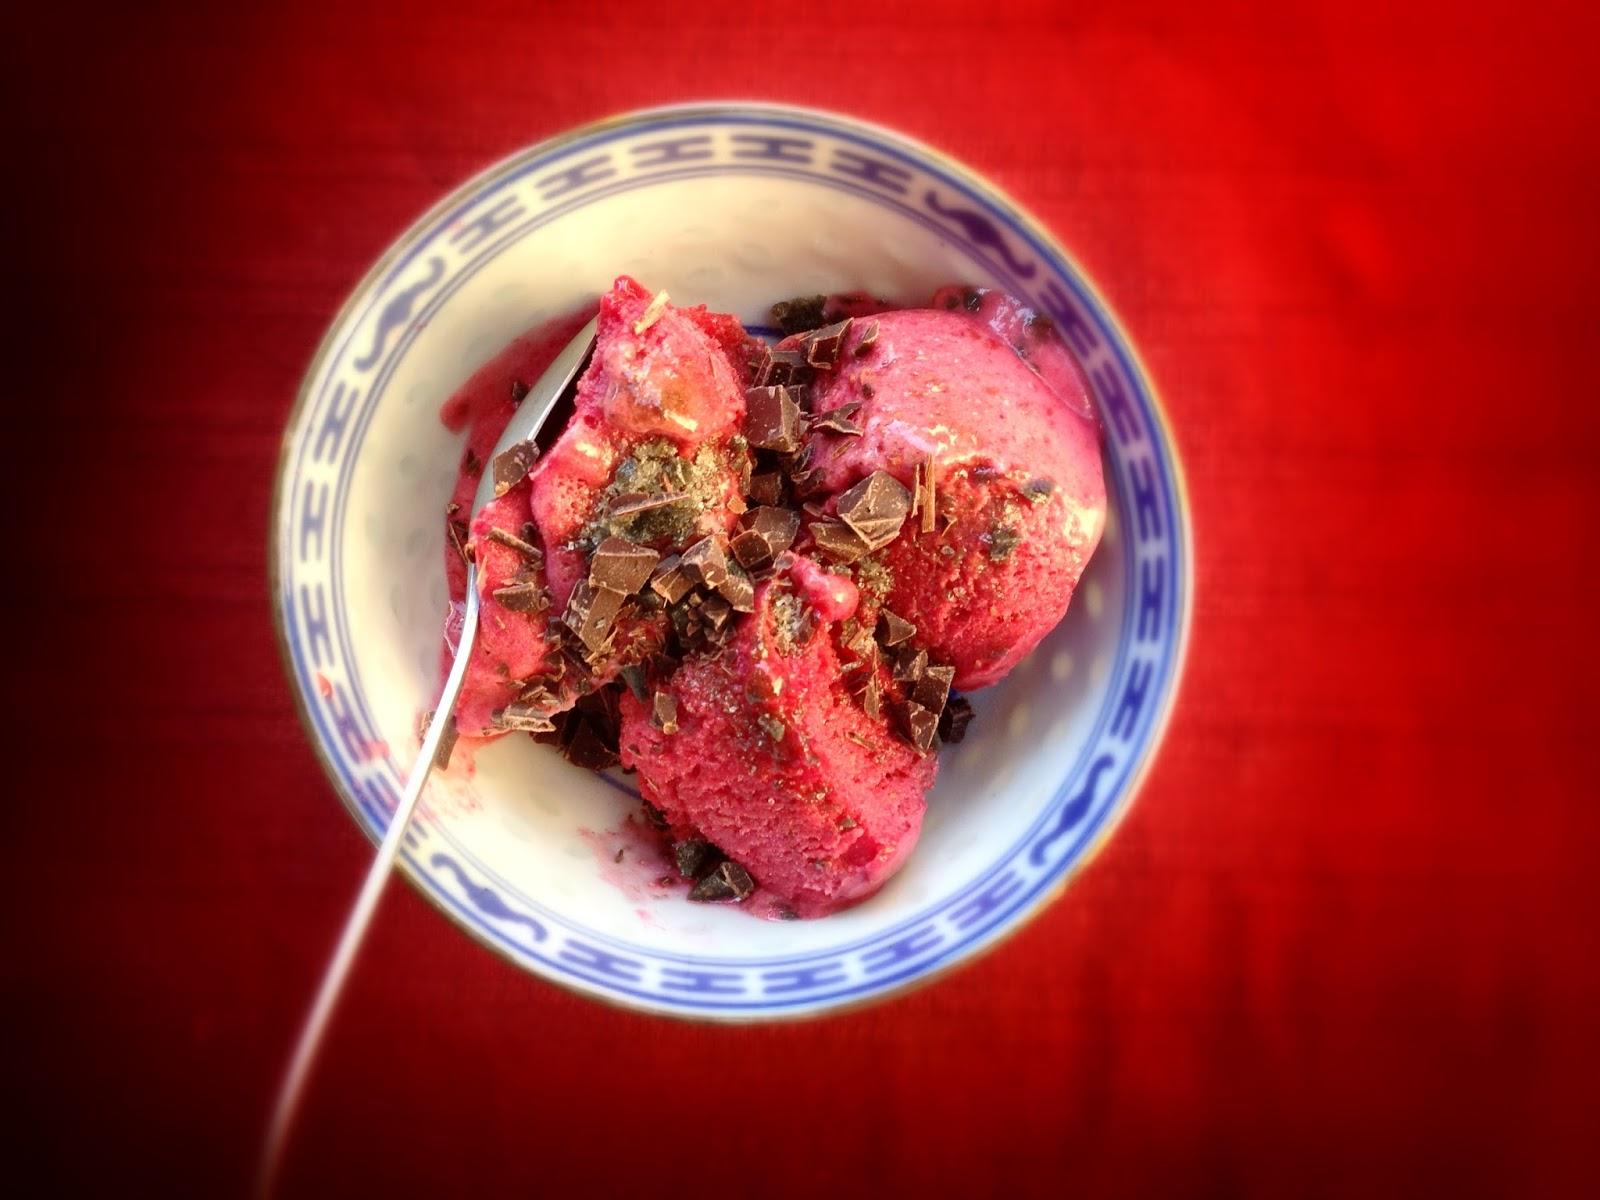 tyrkisk peber stænger